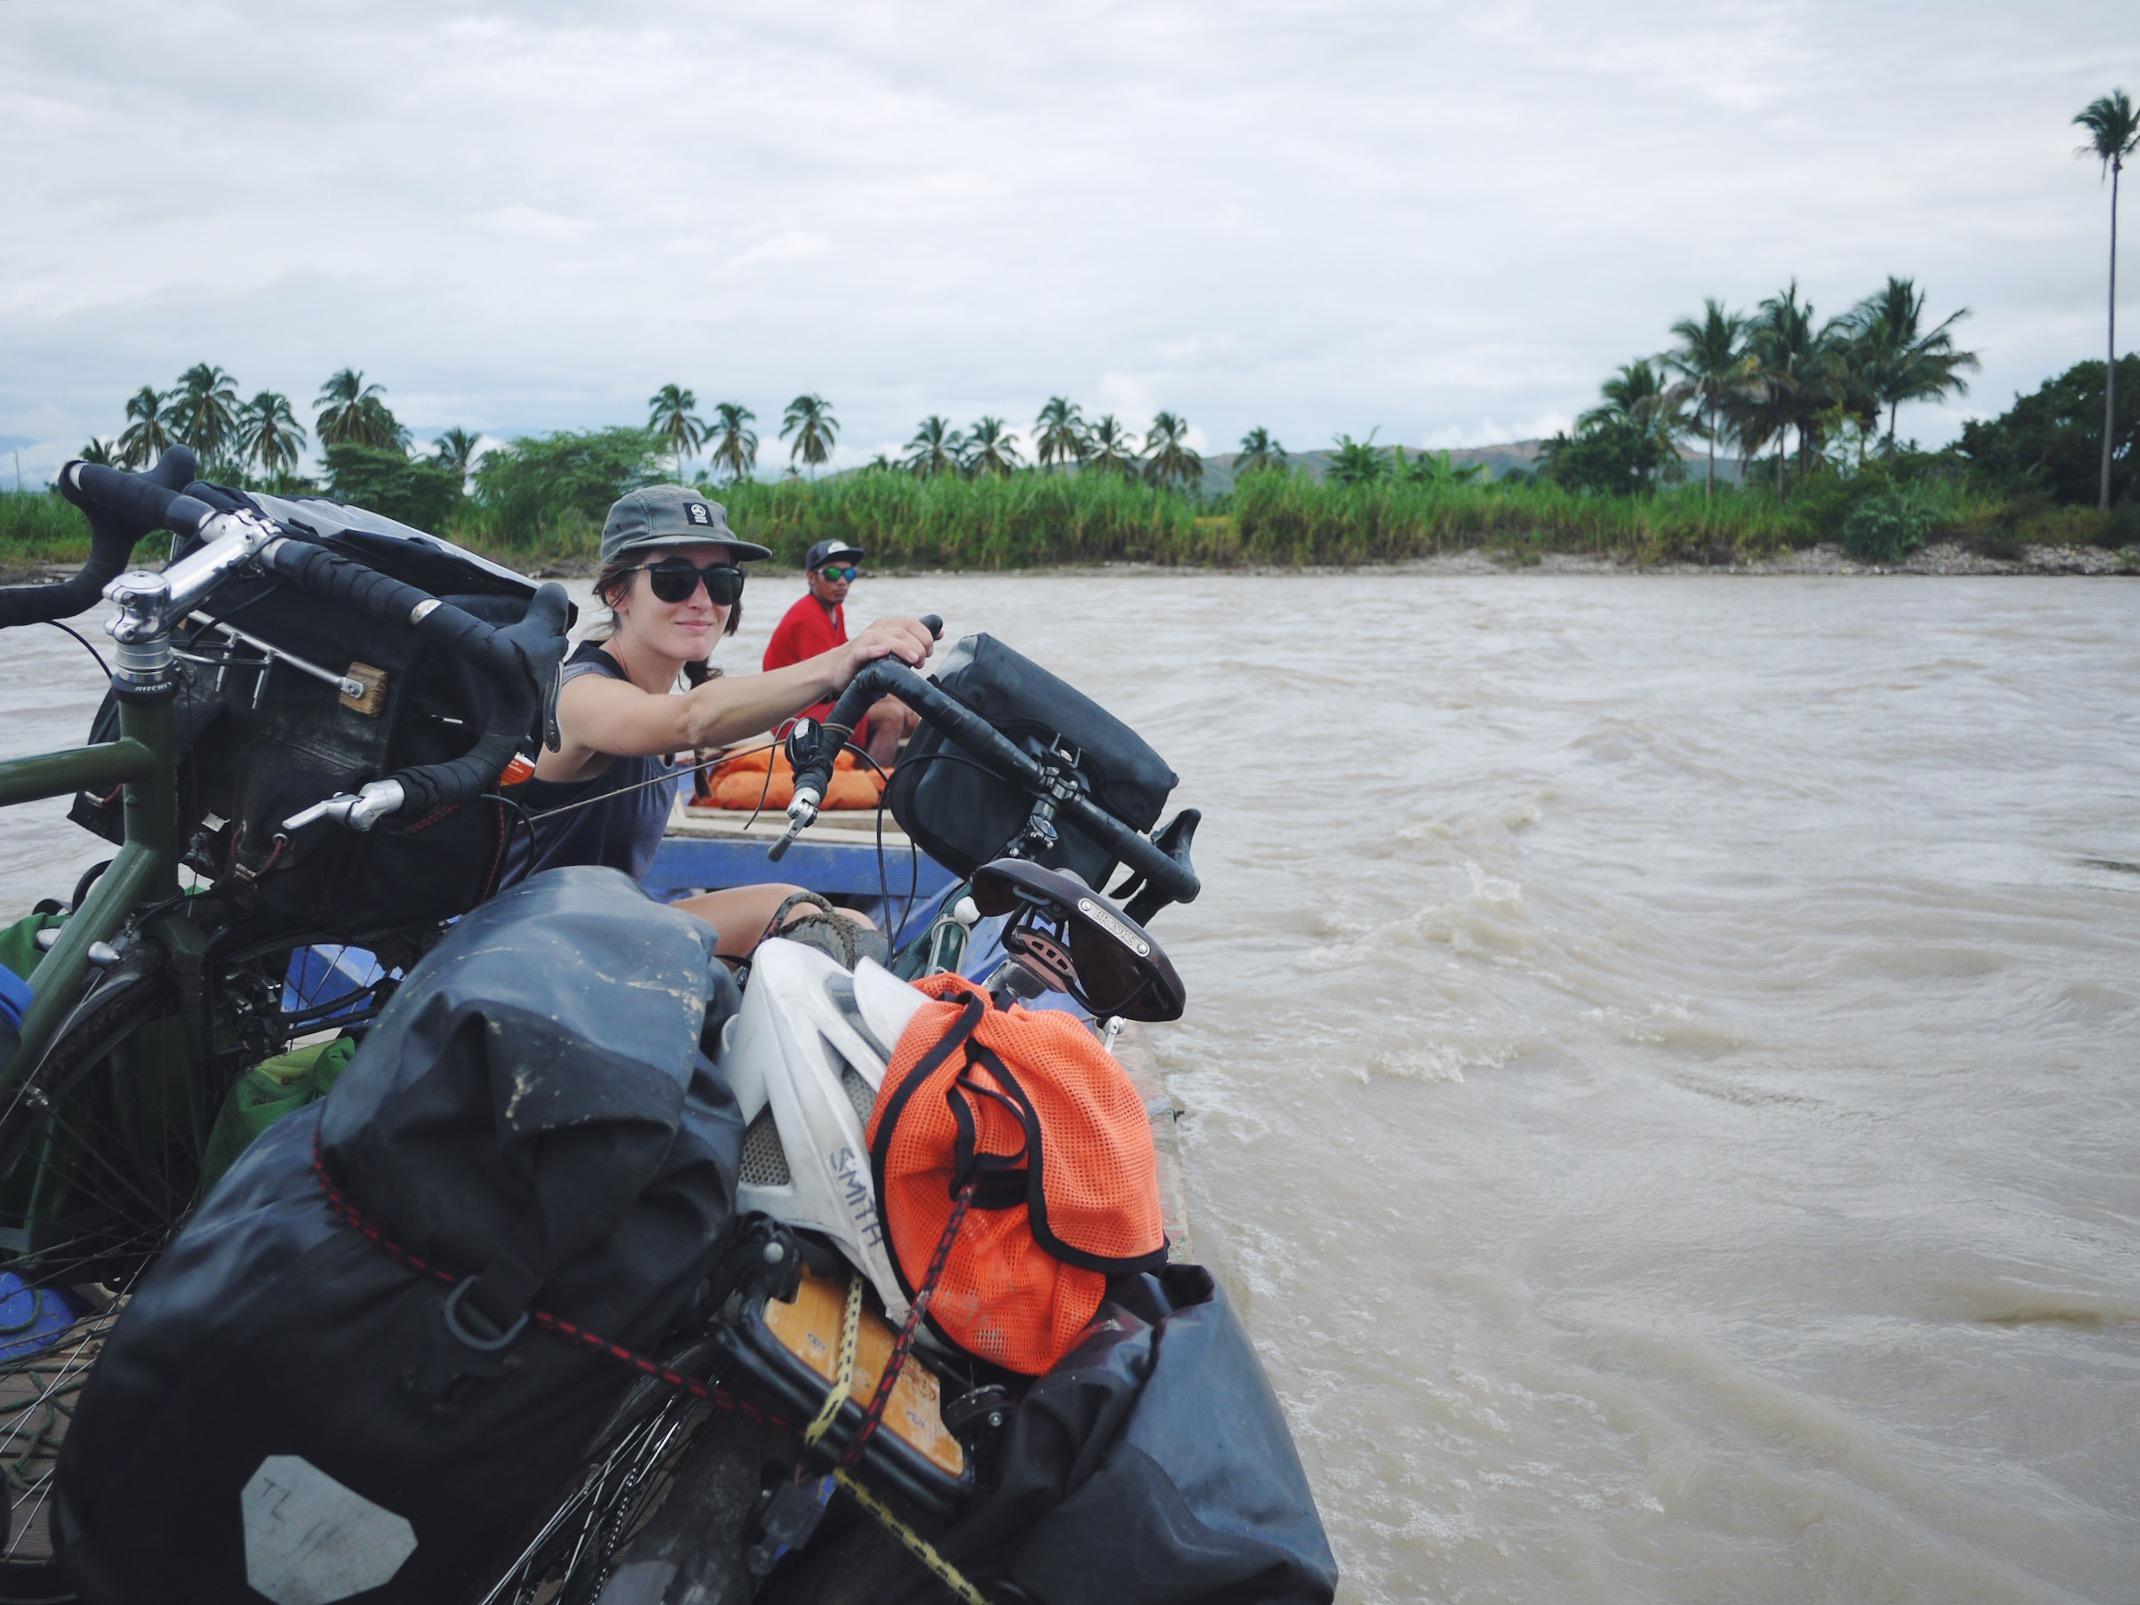 Amazonas Departmento river crossing, en route to Bagua Grande.